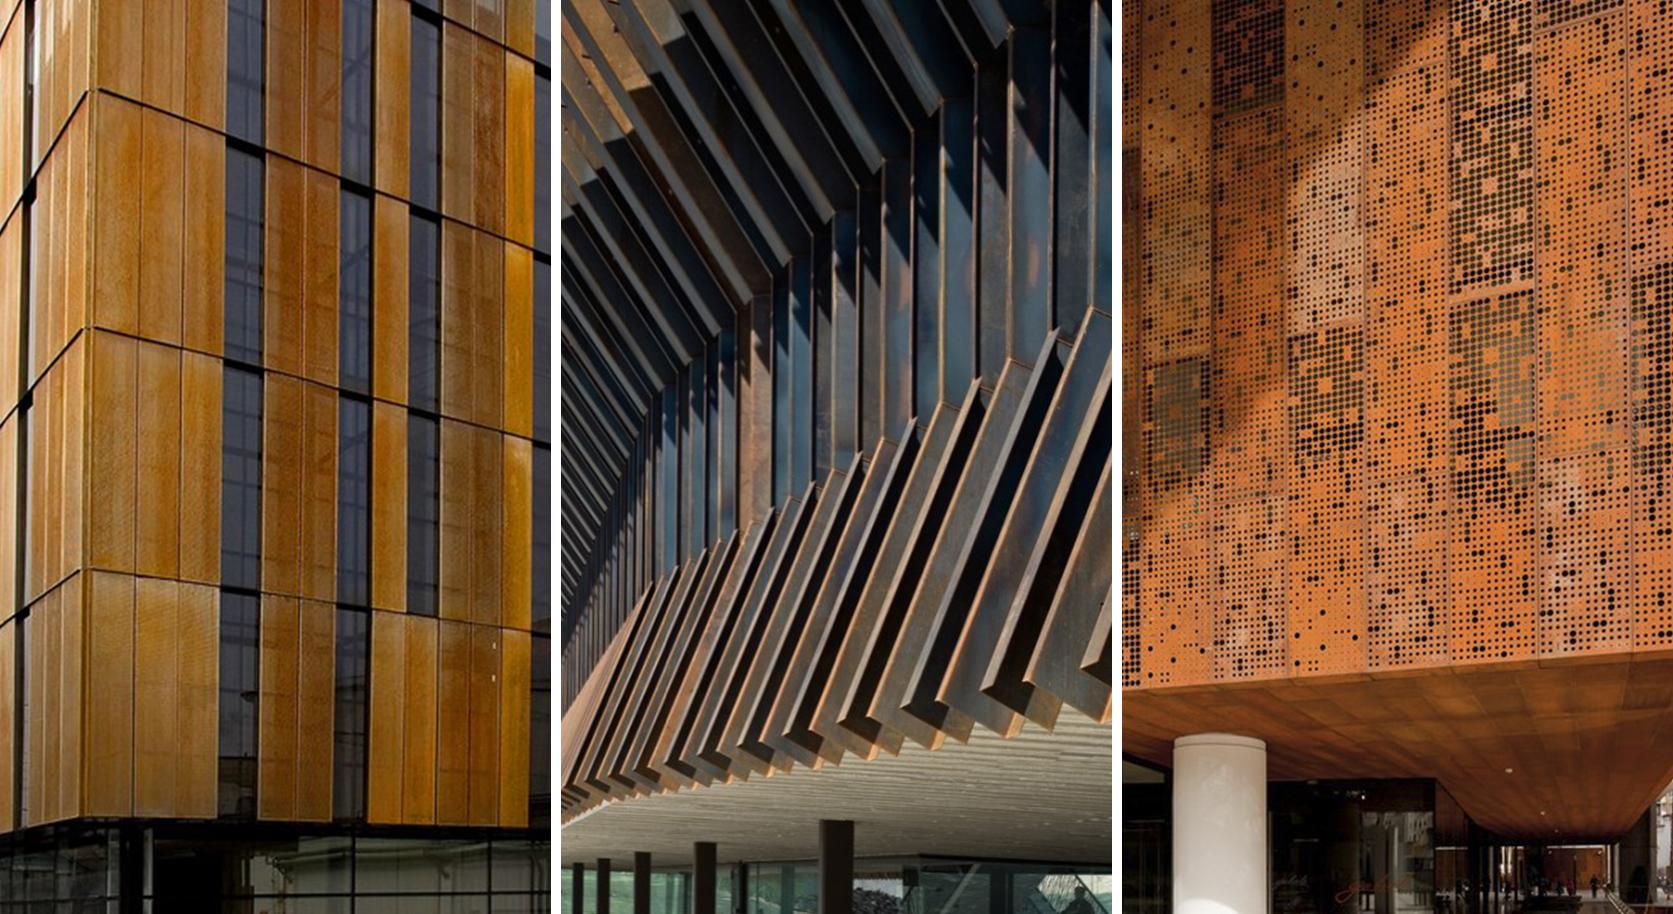 Detalles constructivos de arquitectura en acero corten for Acero corten perforado oxidado